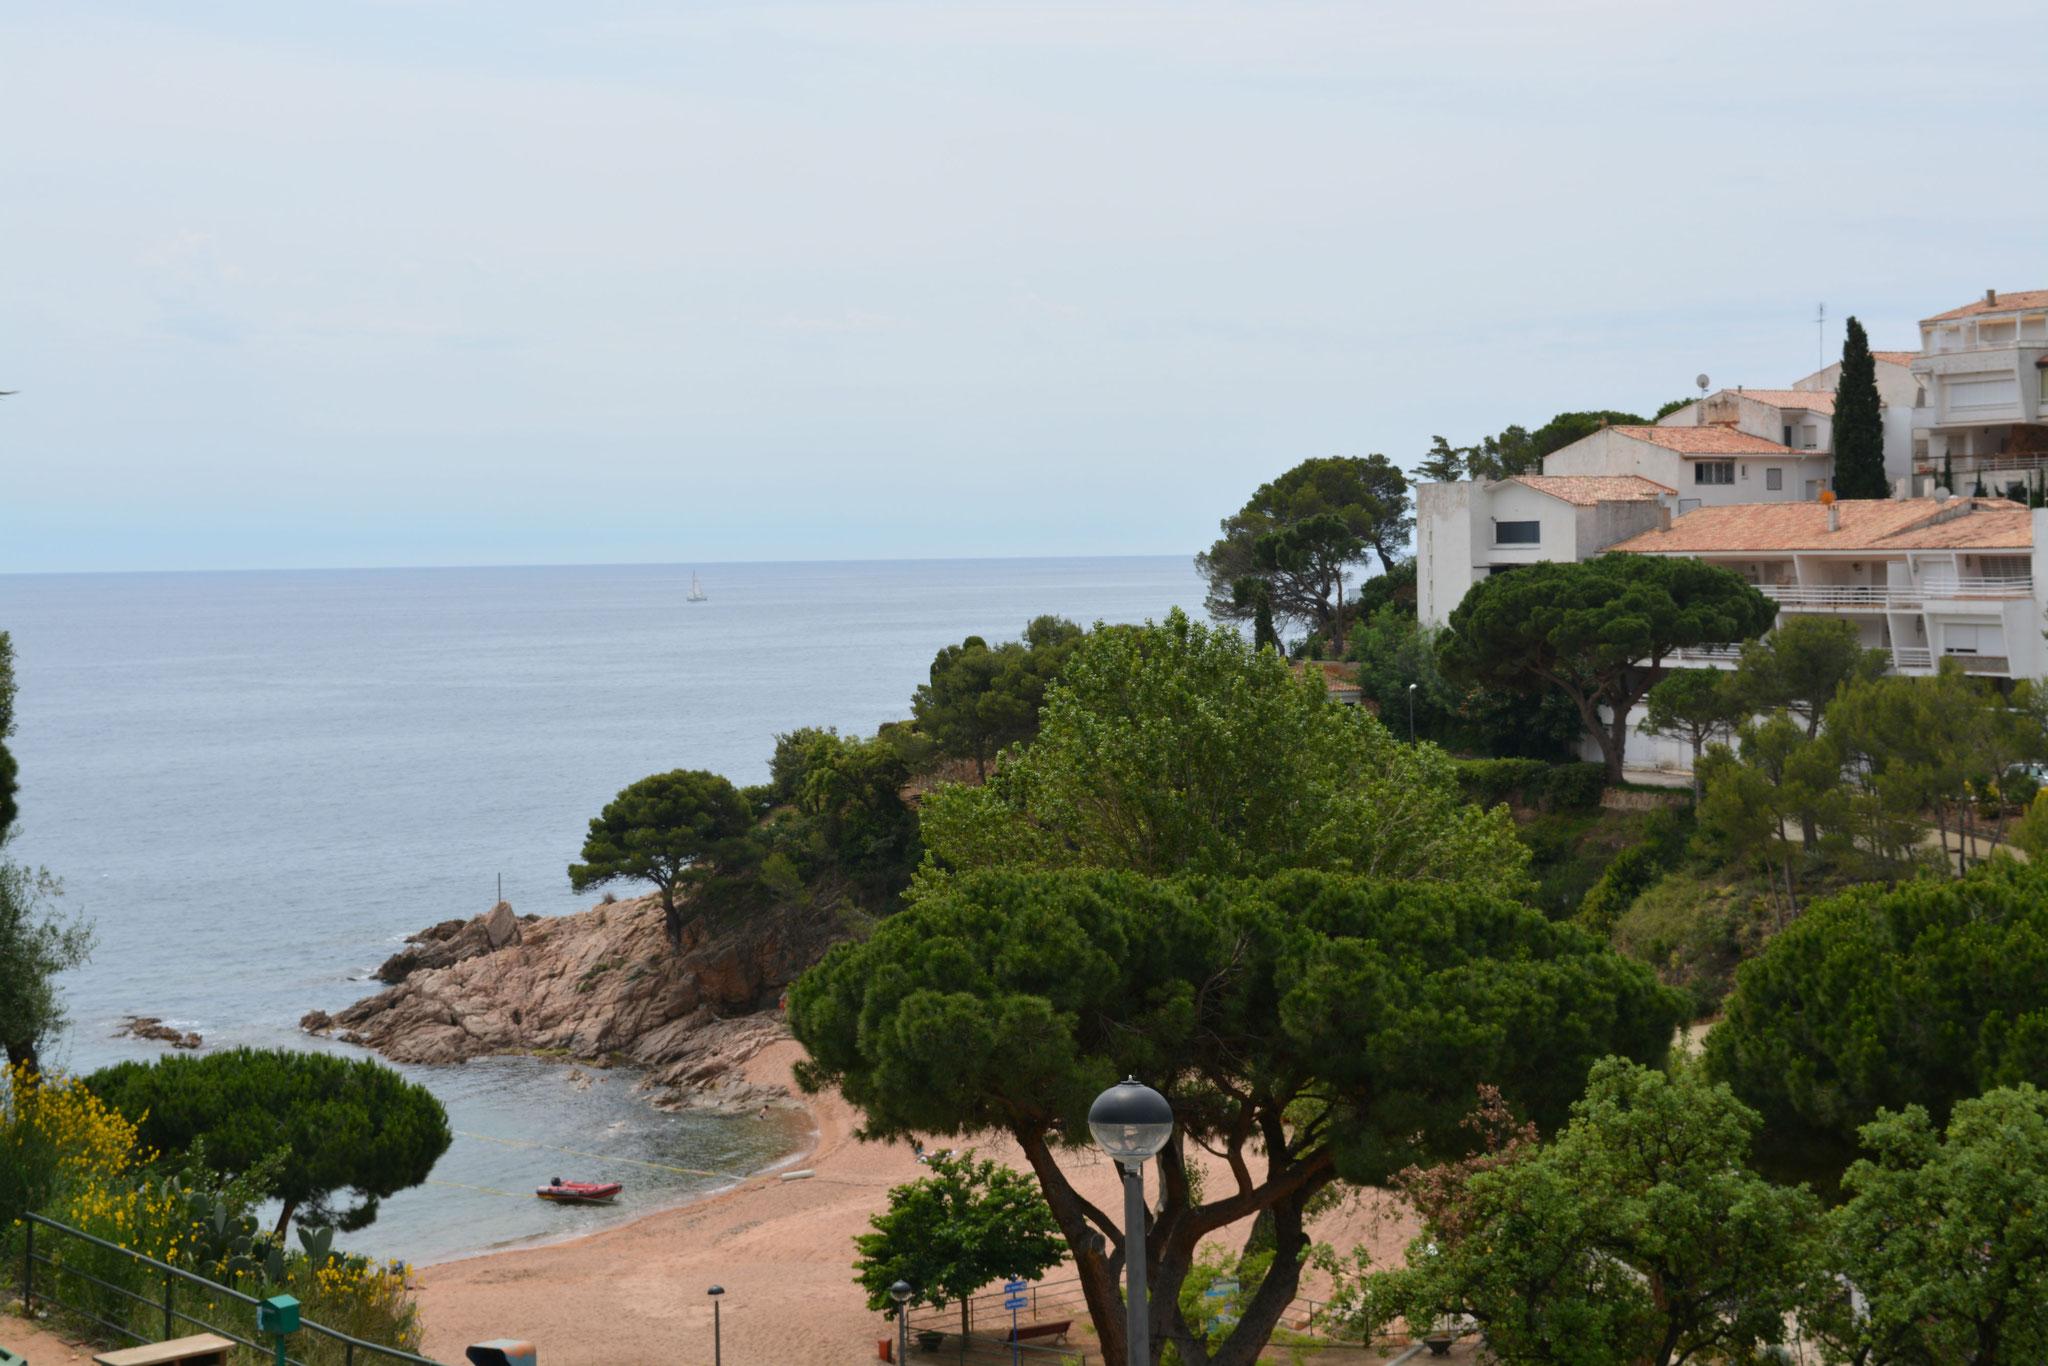 La playa vista desde la terraza del apartamento